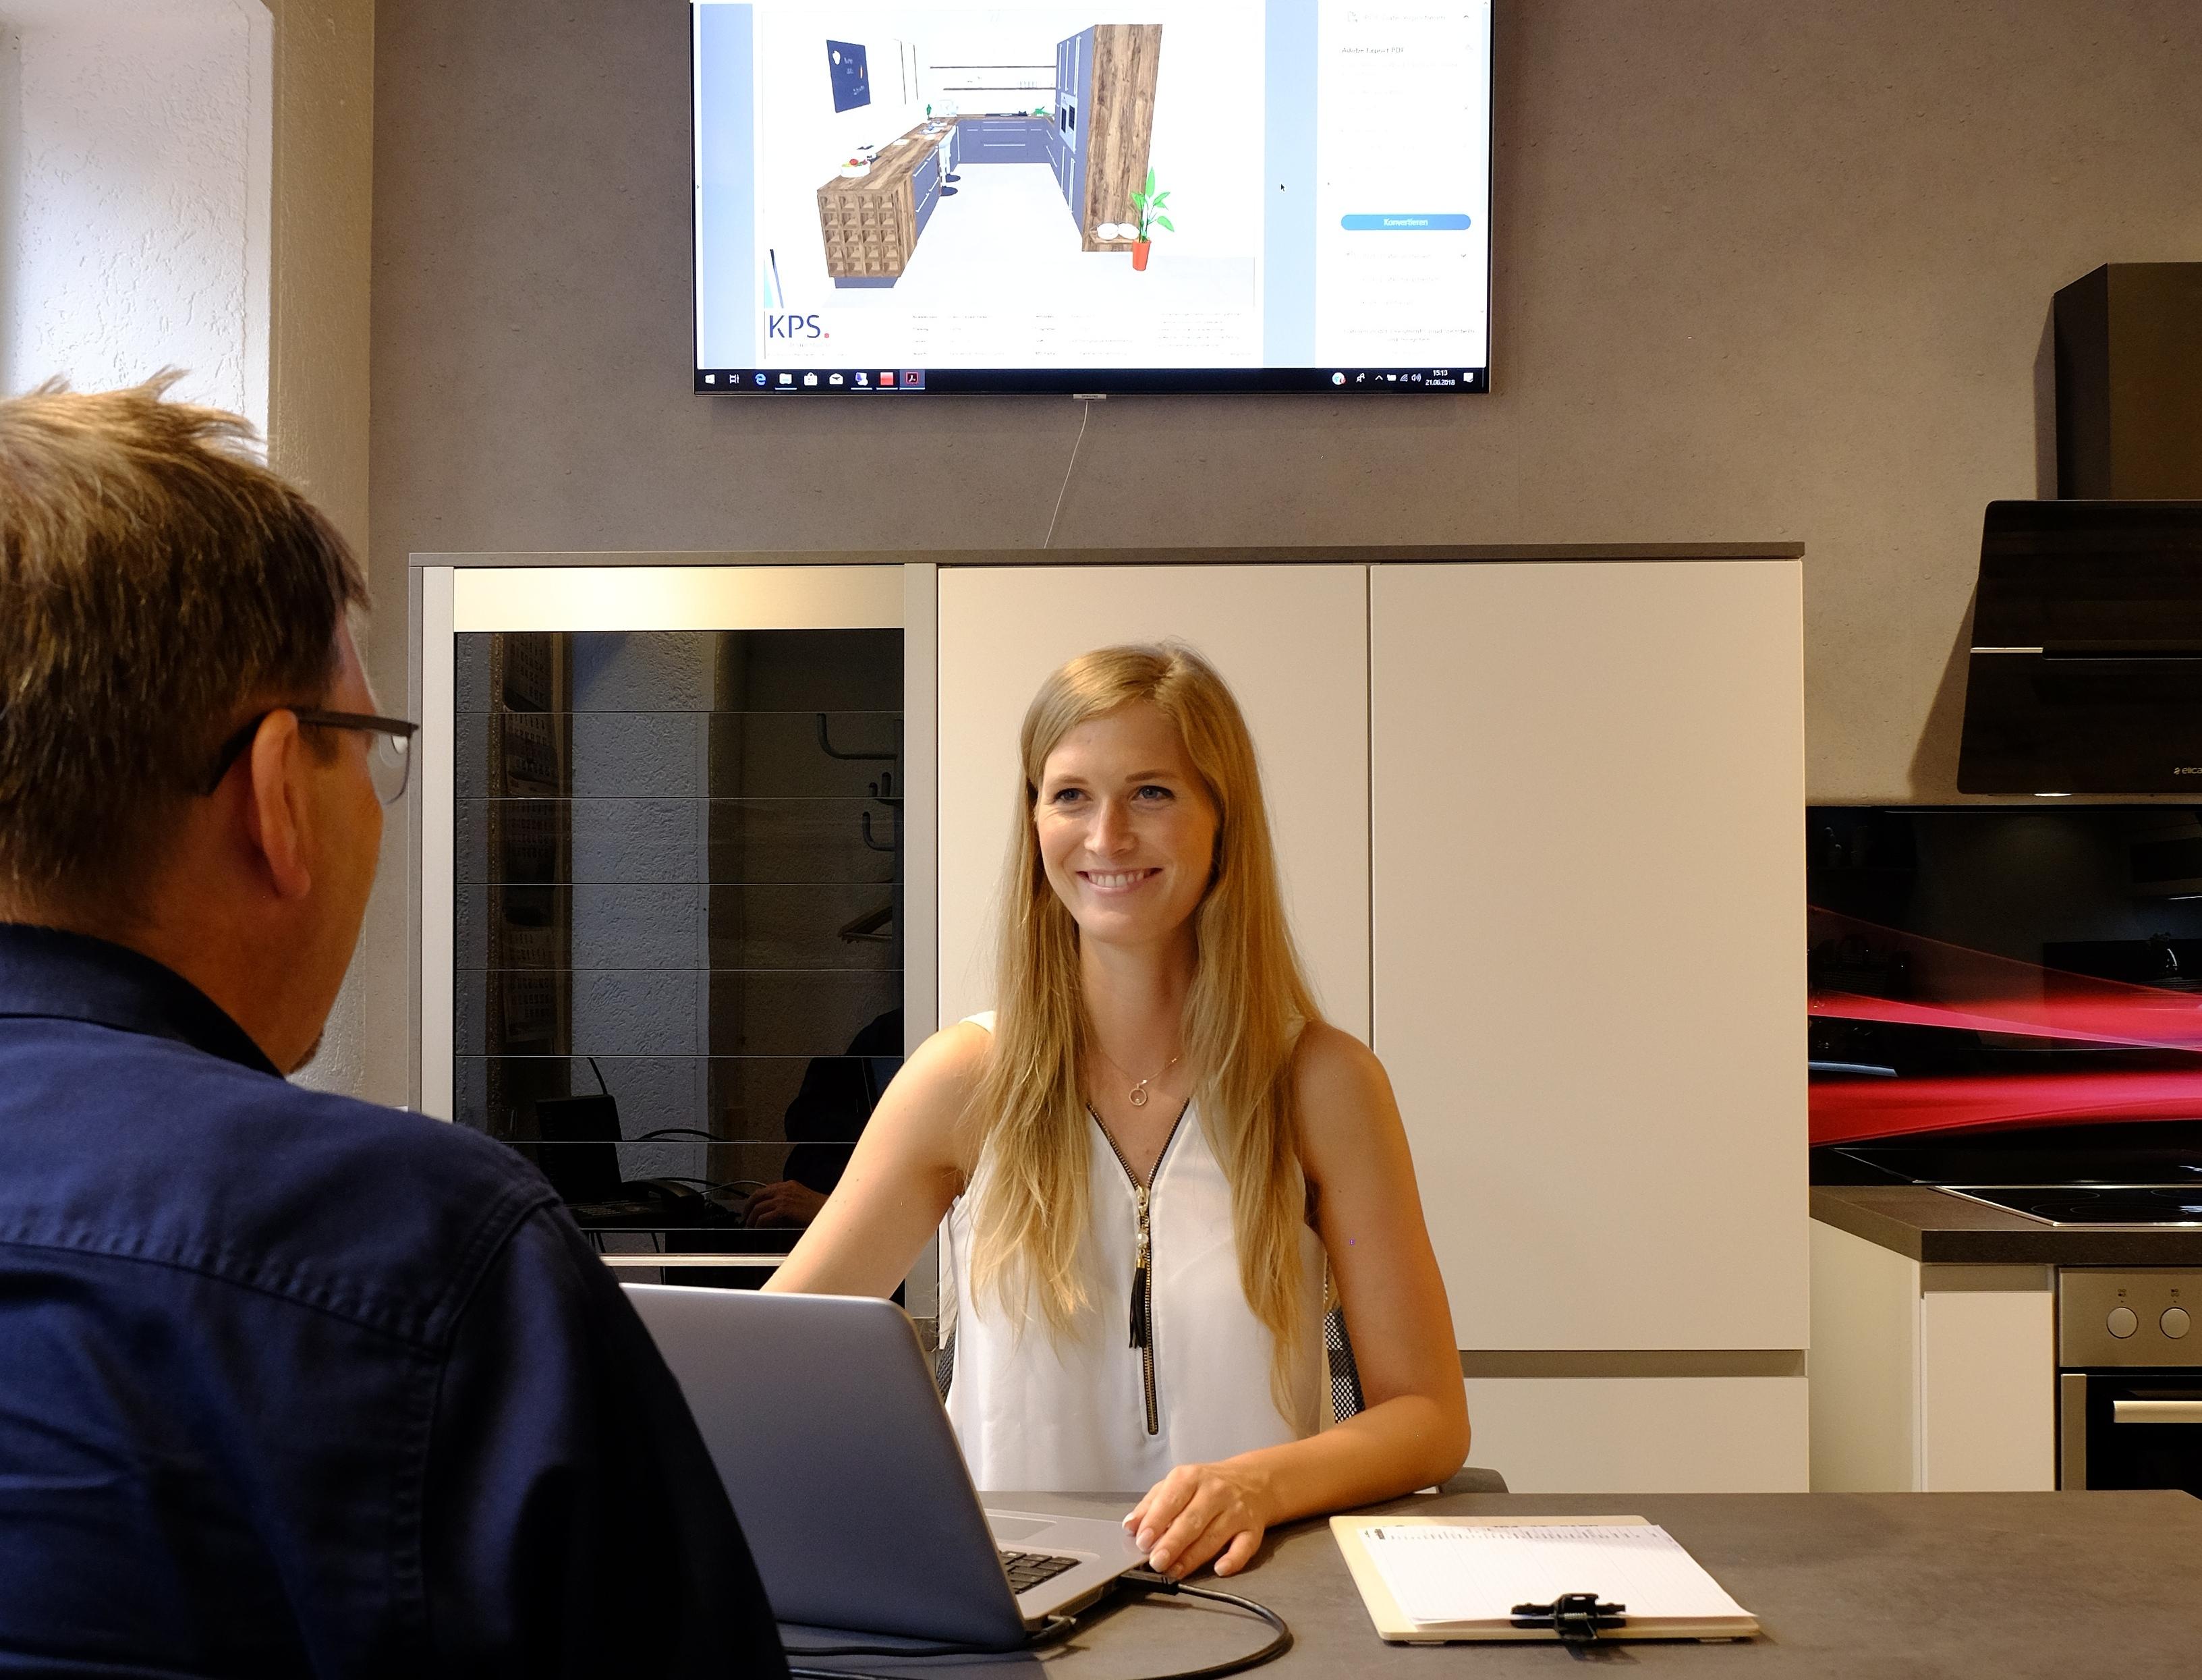 Ruder Küchen und Hausgeräte 's featured image